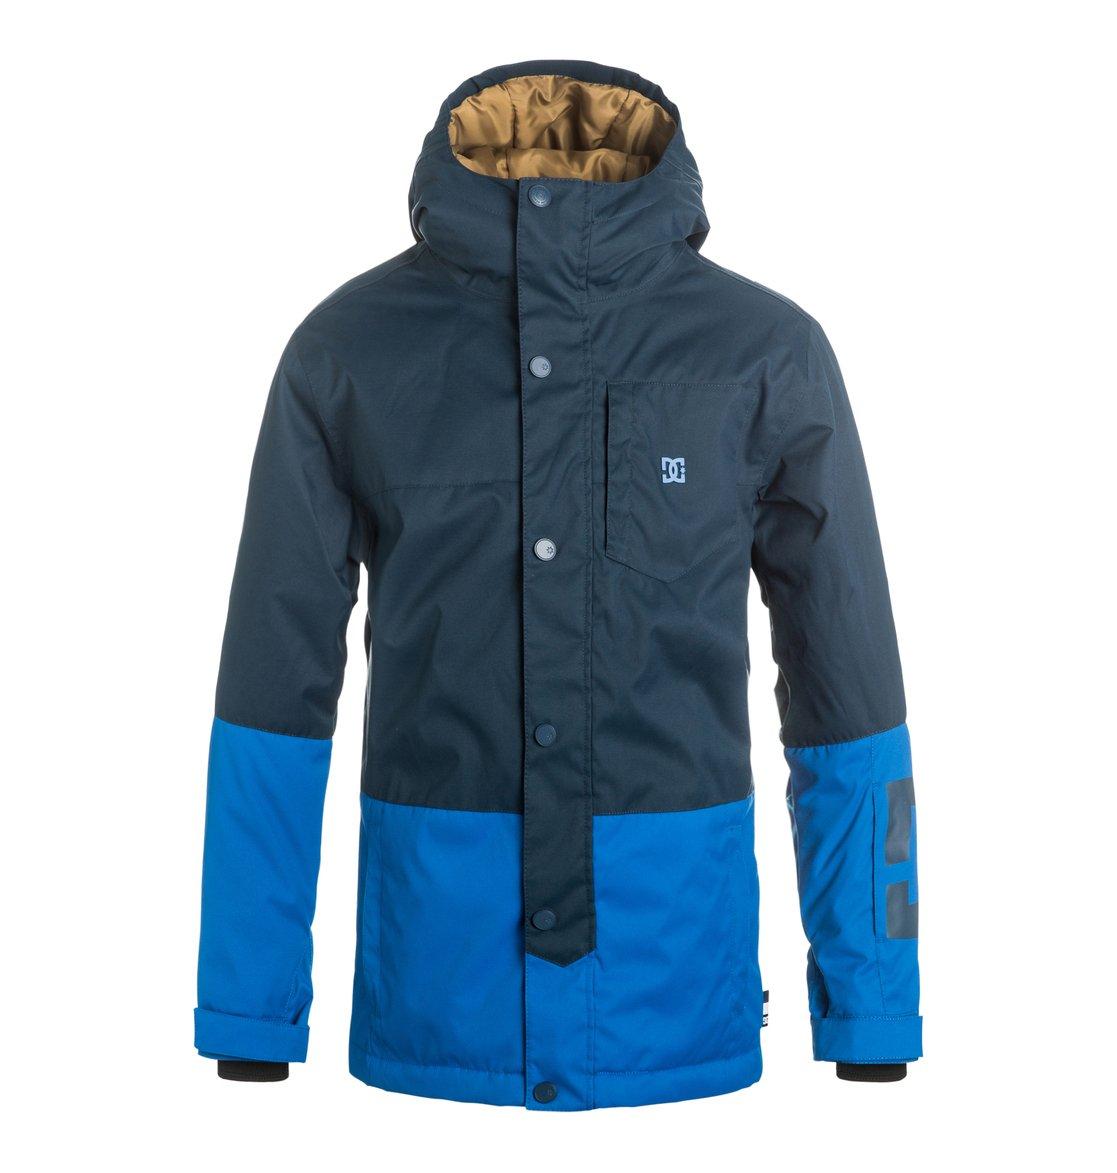 Сноубордическая куртка Defy от DC Shoes